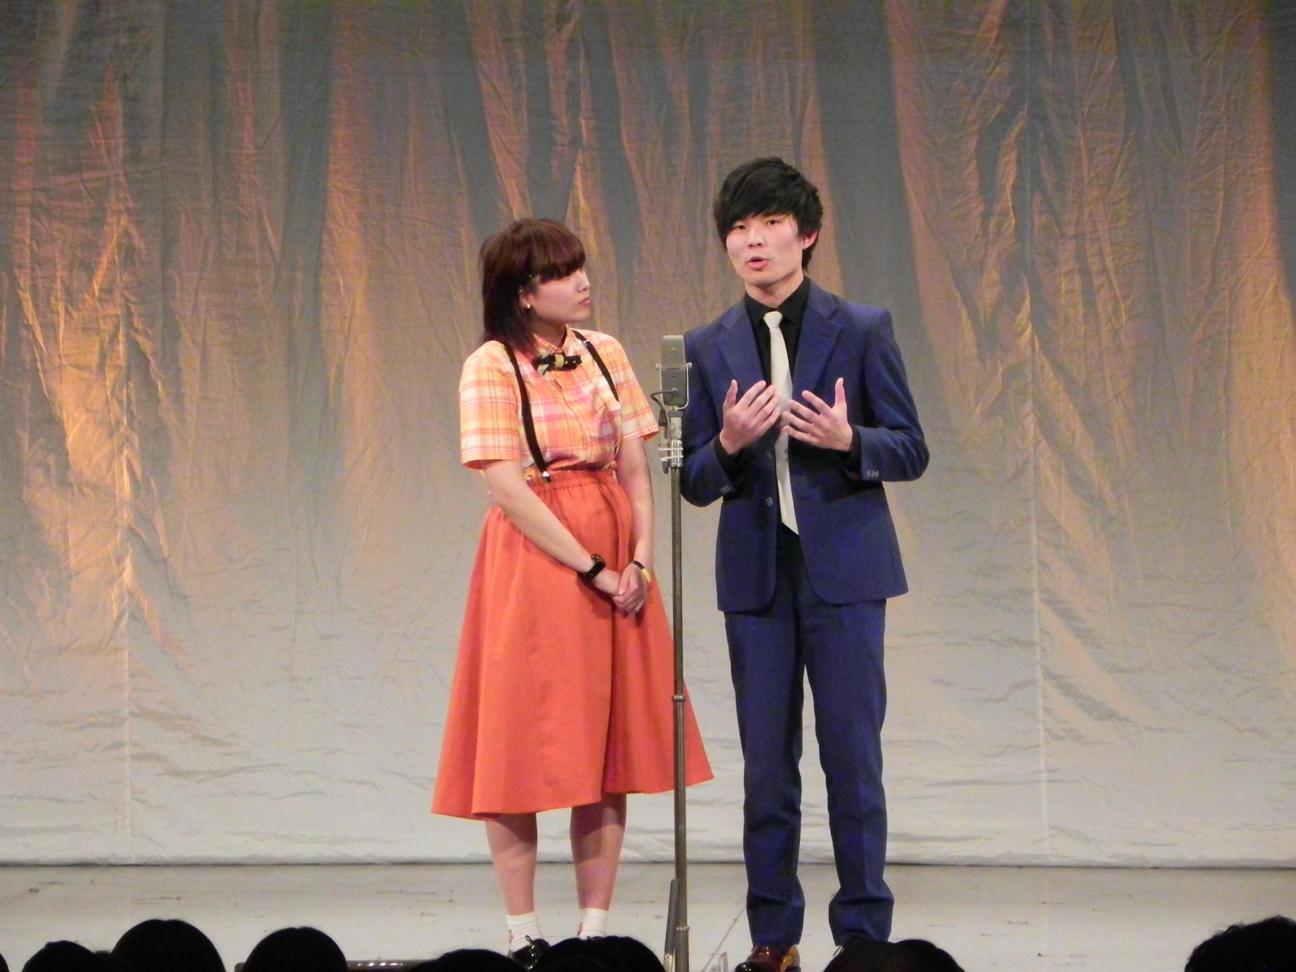 http://news.yoshimoto.co.jp/20170228144211-4518bece941aa150532a3588d65e86334cb279b6.jpg